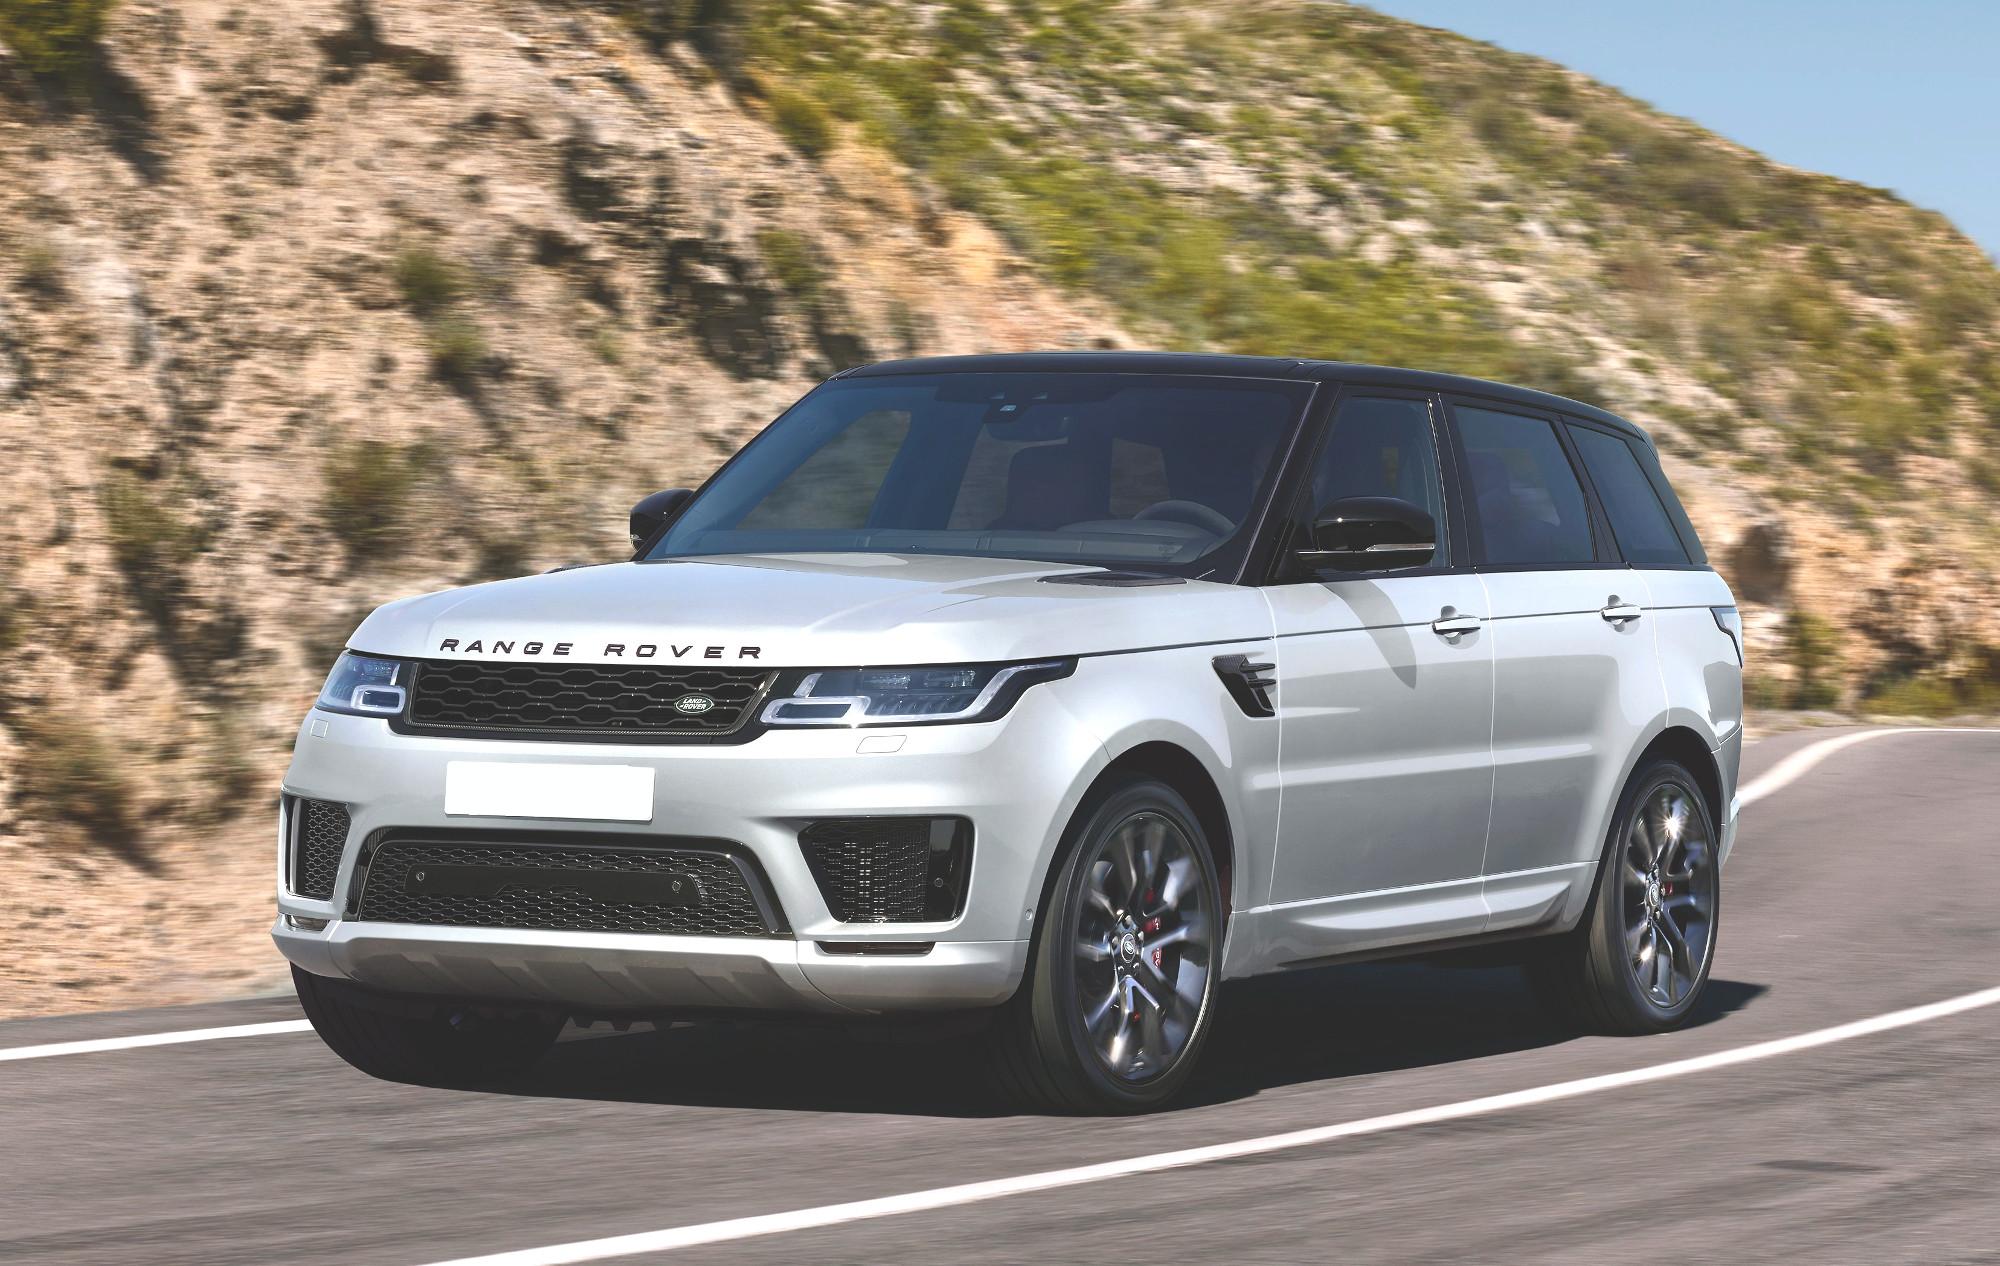 Ремонт лобового стекла Land Rover